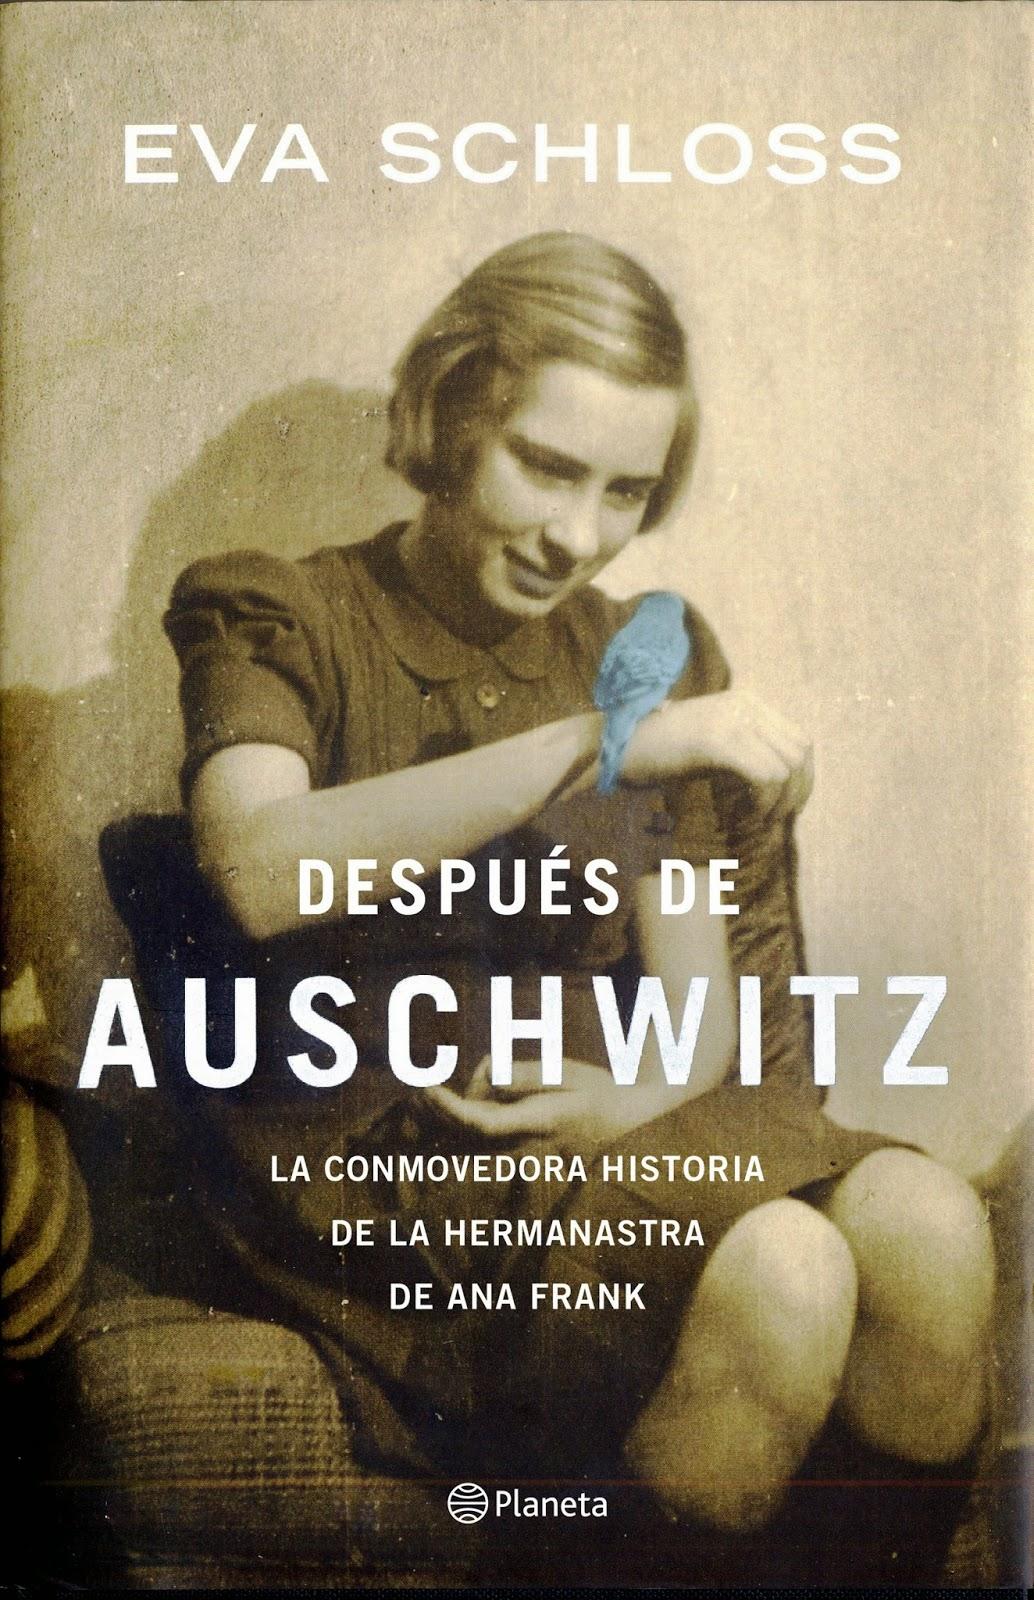 Reseña: Después de Auschwitz, de Eva Schloss